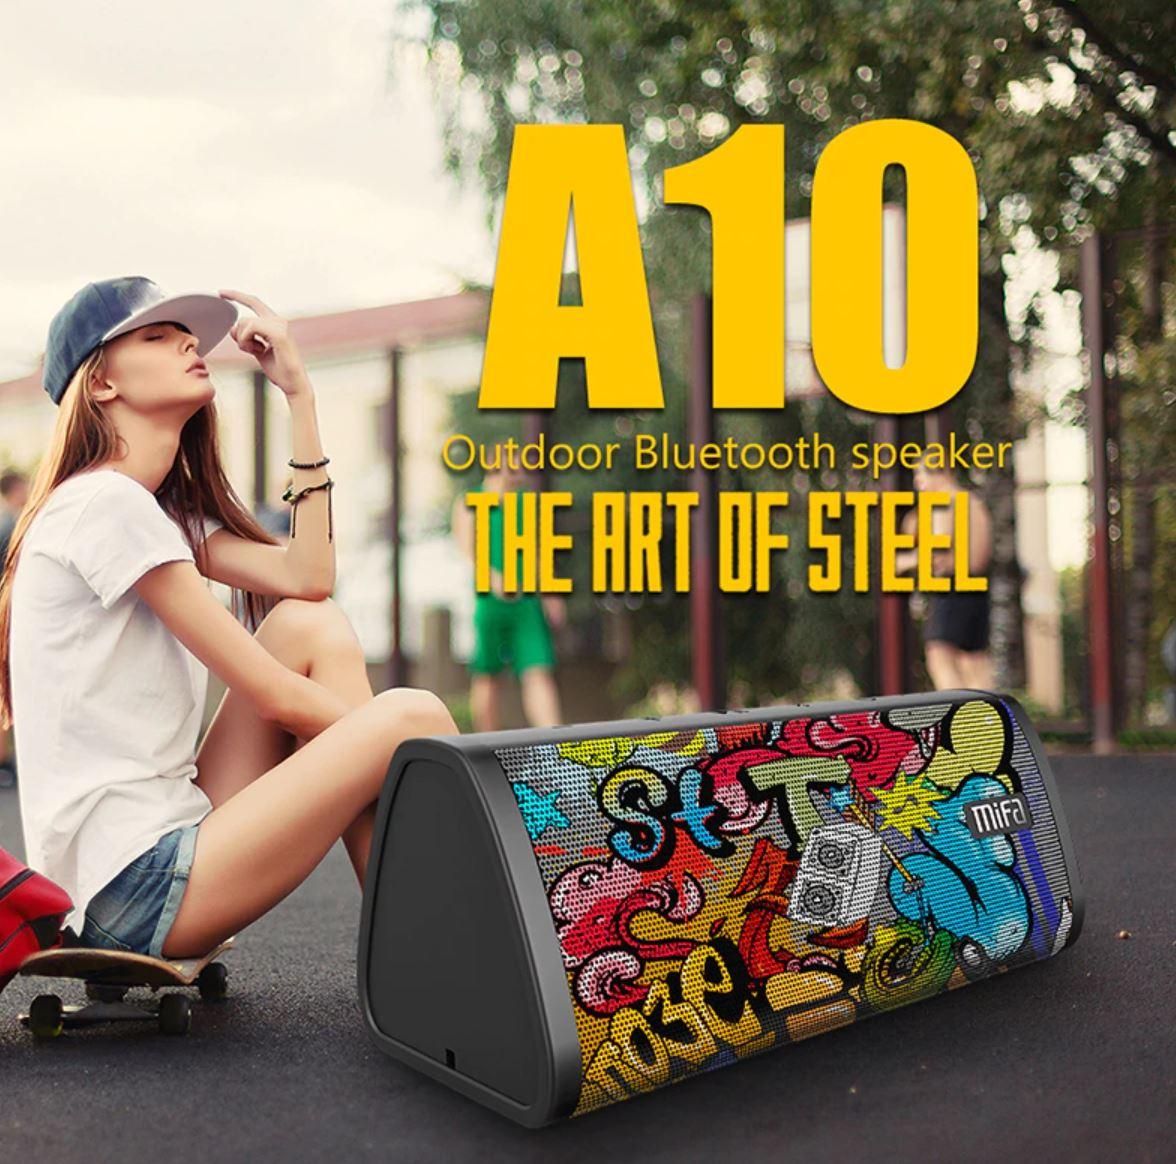 Słuchawki i głośniki Bluetooth z Aliexpress - promocyjne oferty - głośnik Bluetooth Mifa A10